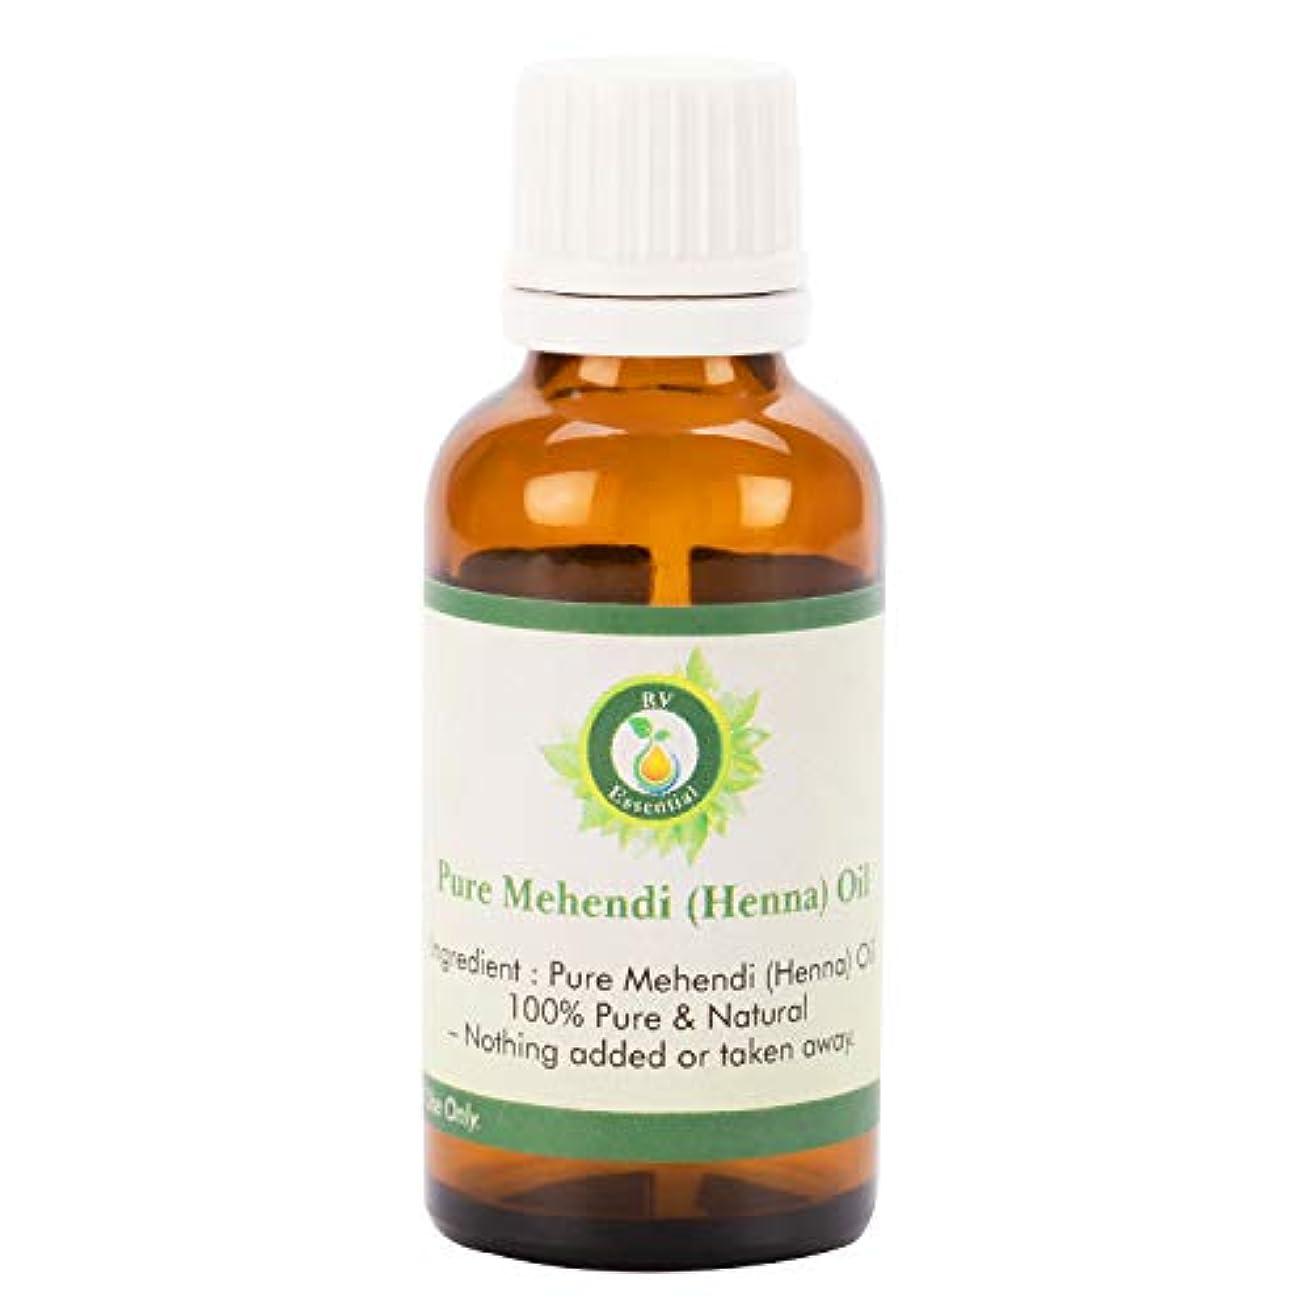 王朝マトロン予約ピュアMehendi(ヘナ)オイル100ml (3.38oz)- (100%純粋でナチュラル) Pure Mehendi (Henna) Oil